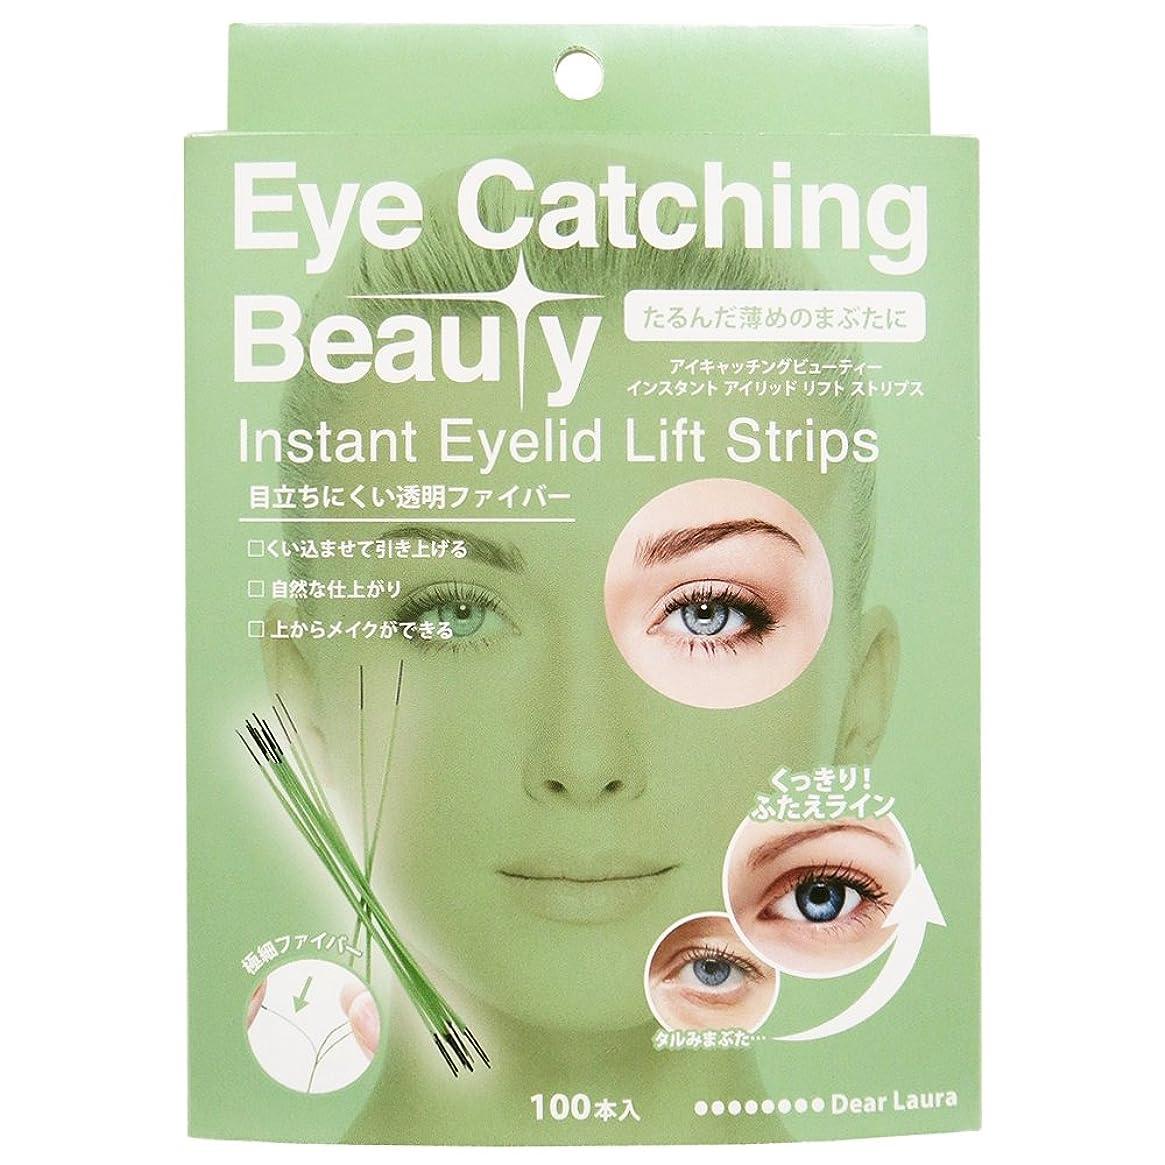 グロー財産電話アイキャッチングビューティー (Eye Catching Beauty) インスタント アイリッド リフト ストリップス ECB-J03 100本